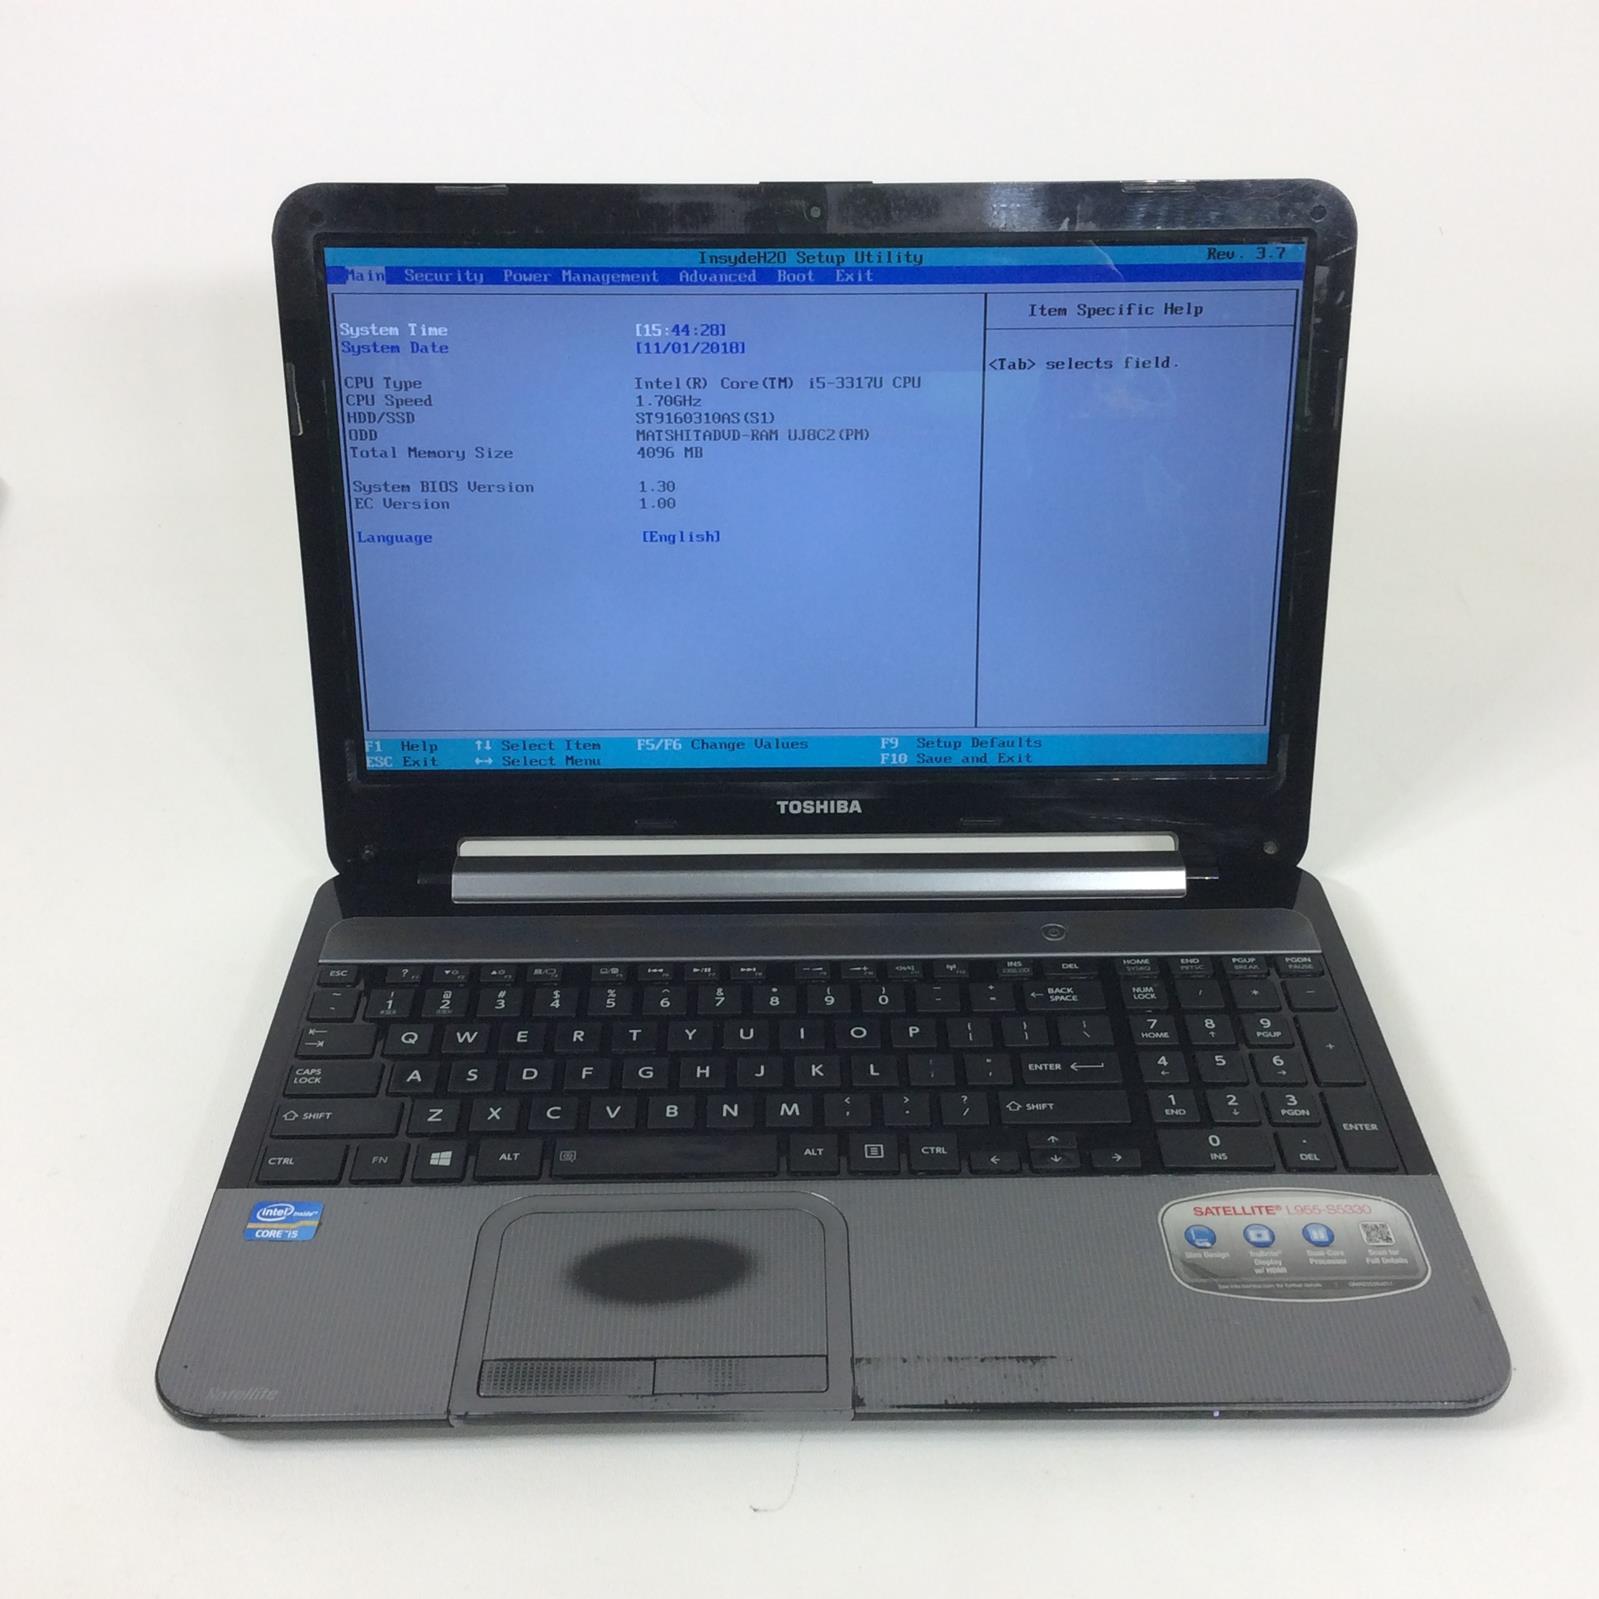 TOSHIBA SATELLITE L955-S5330 Intel Core i5-3317U 1.7GHz 160GB 4GB